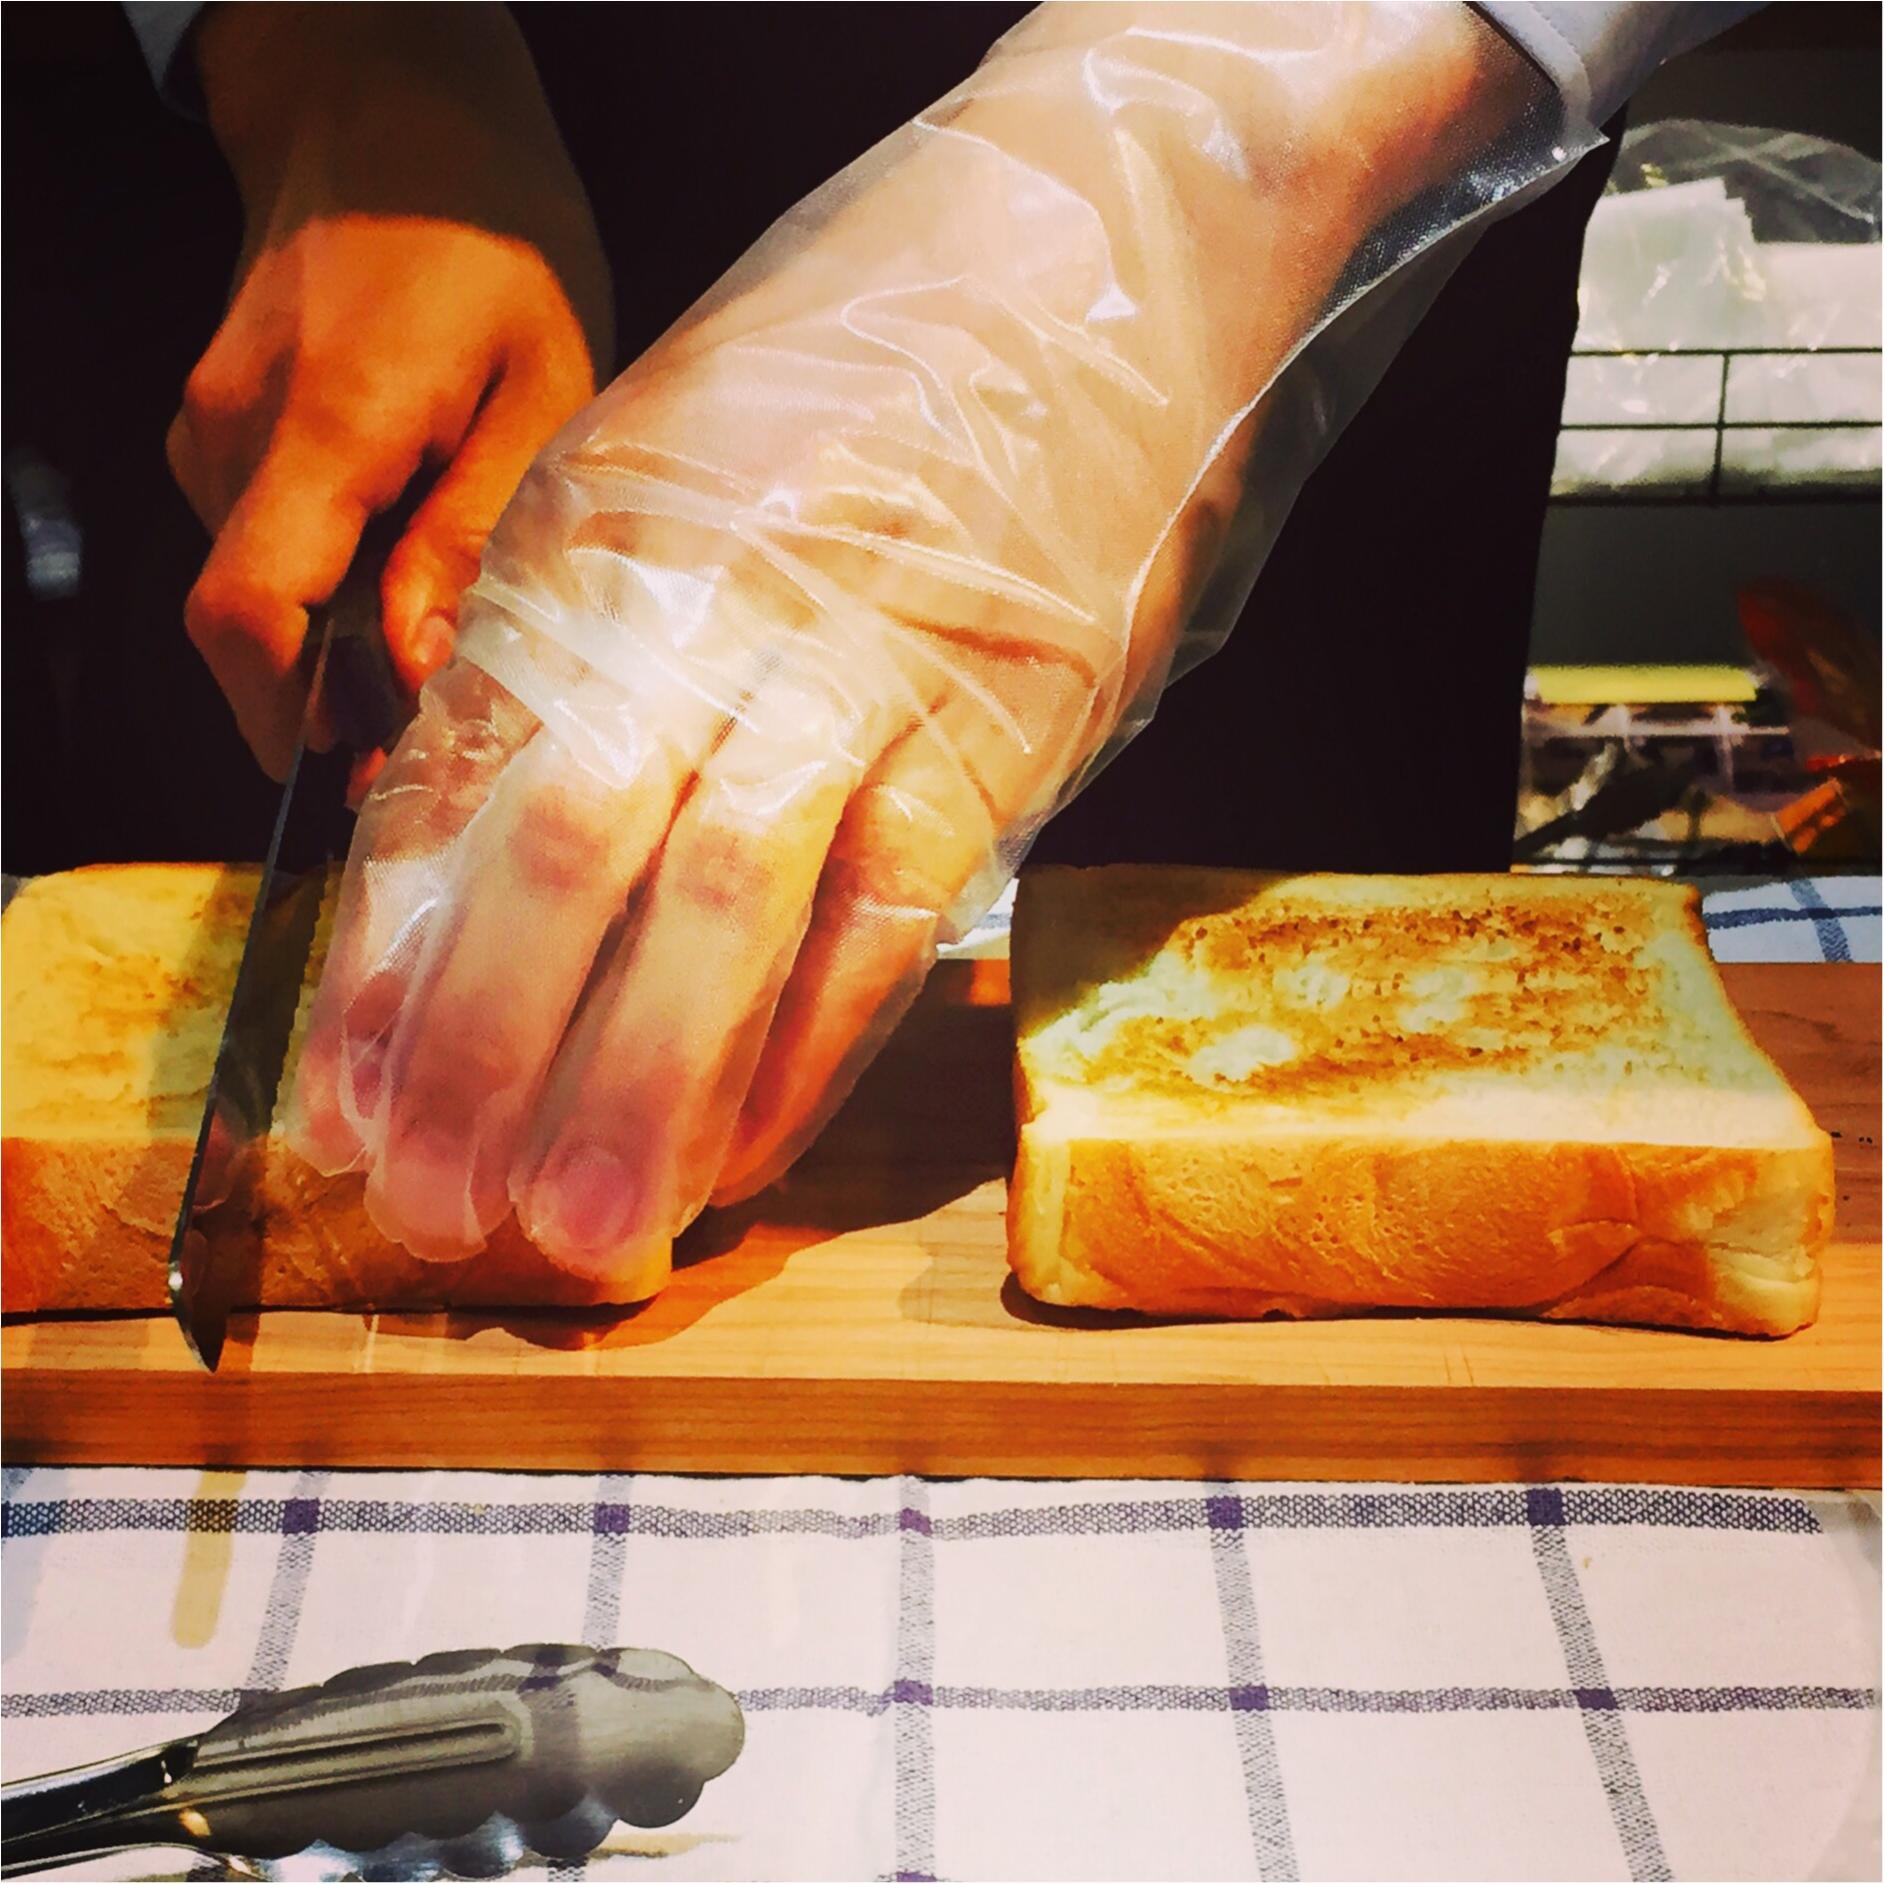 さくっ、ふわっ、もちっ! 最高においしいトーストを食べたいなら❤ 『バルミューダ』をチェック!_5